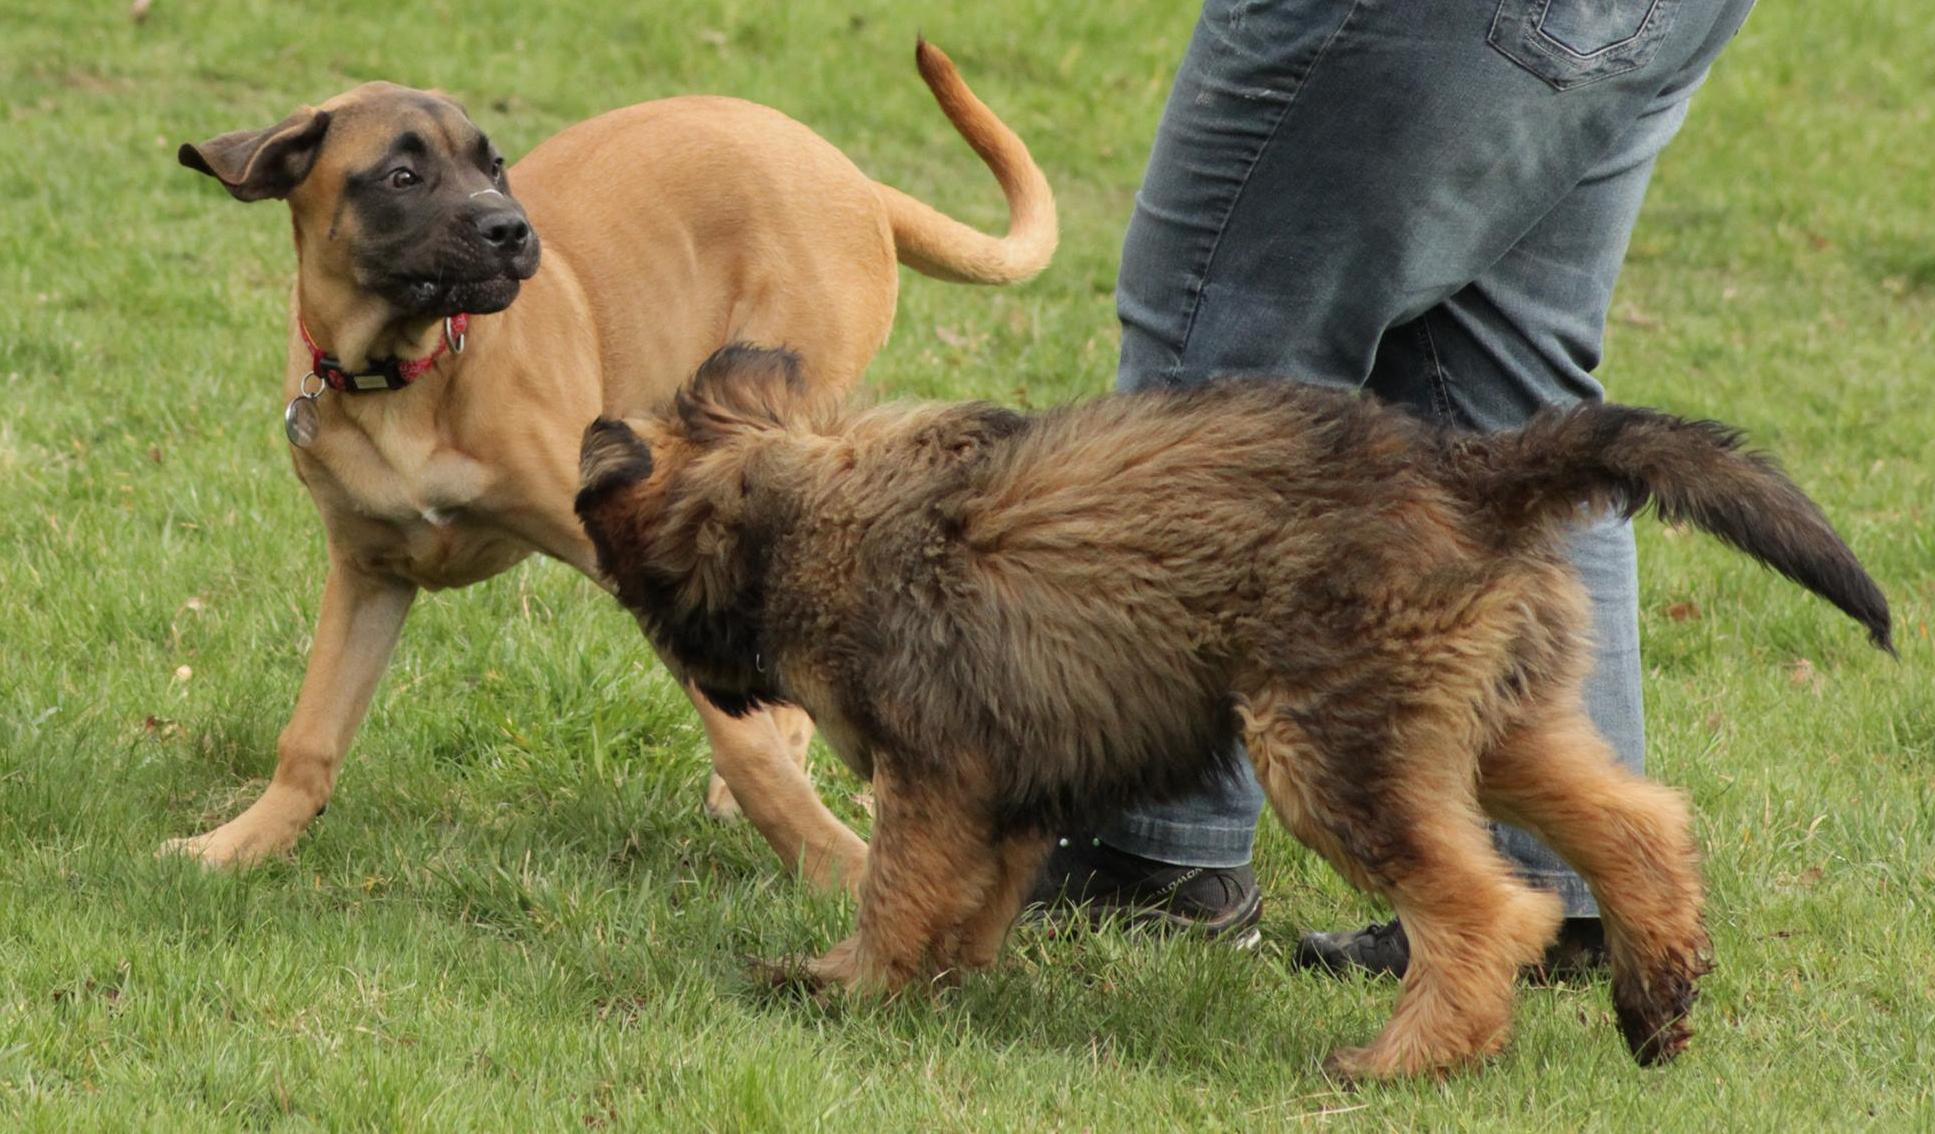 Dog Seems Fearful On Walks